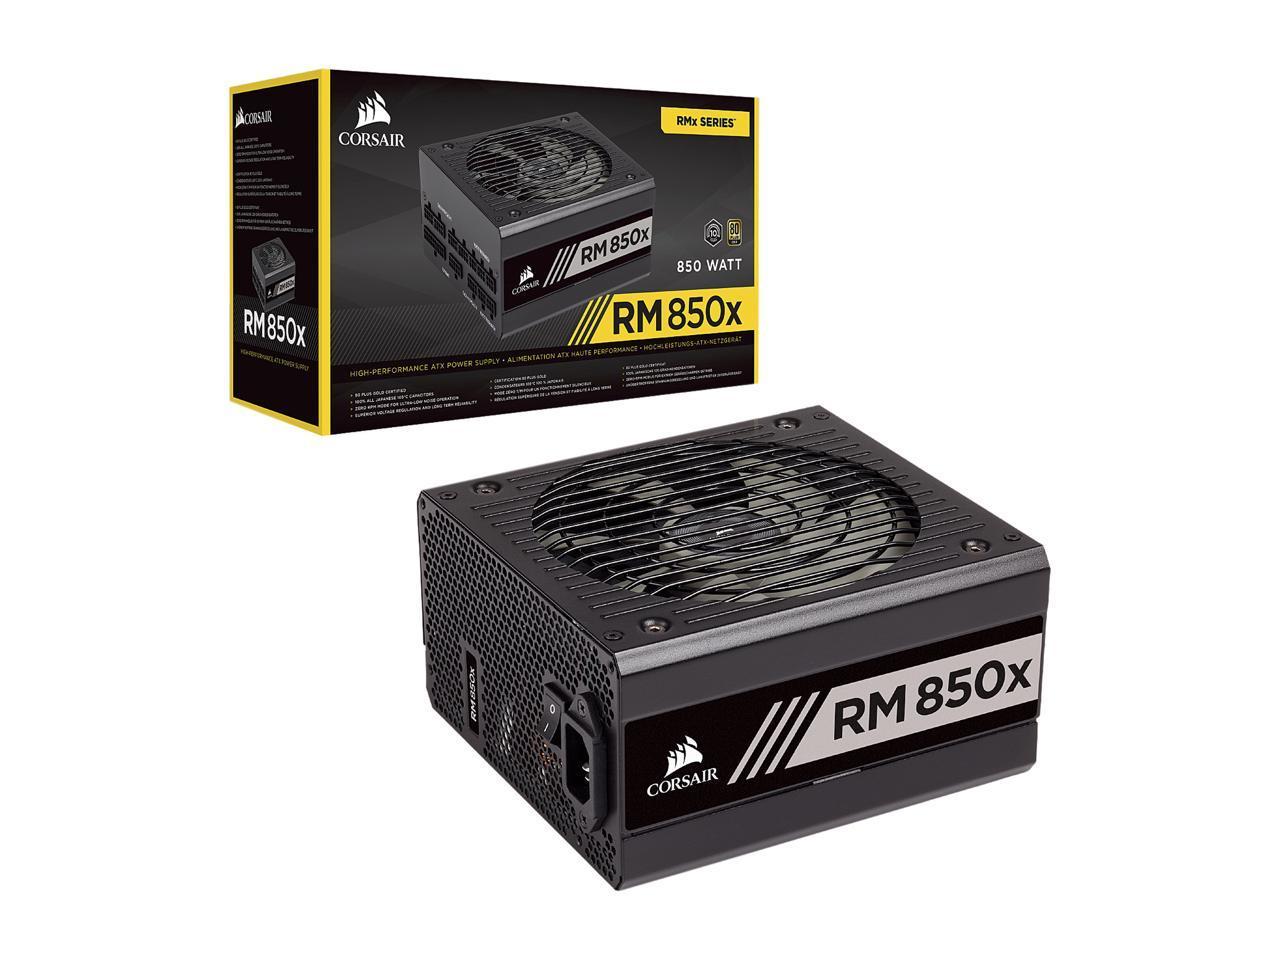 CORSAIR RMx Series RM850x CP-9020180-NA 850W $119.99 + Shipping